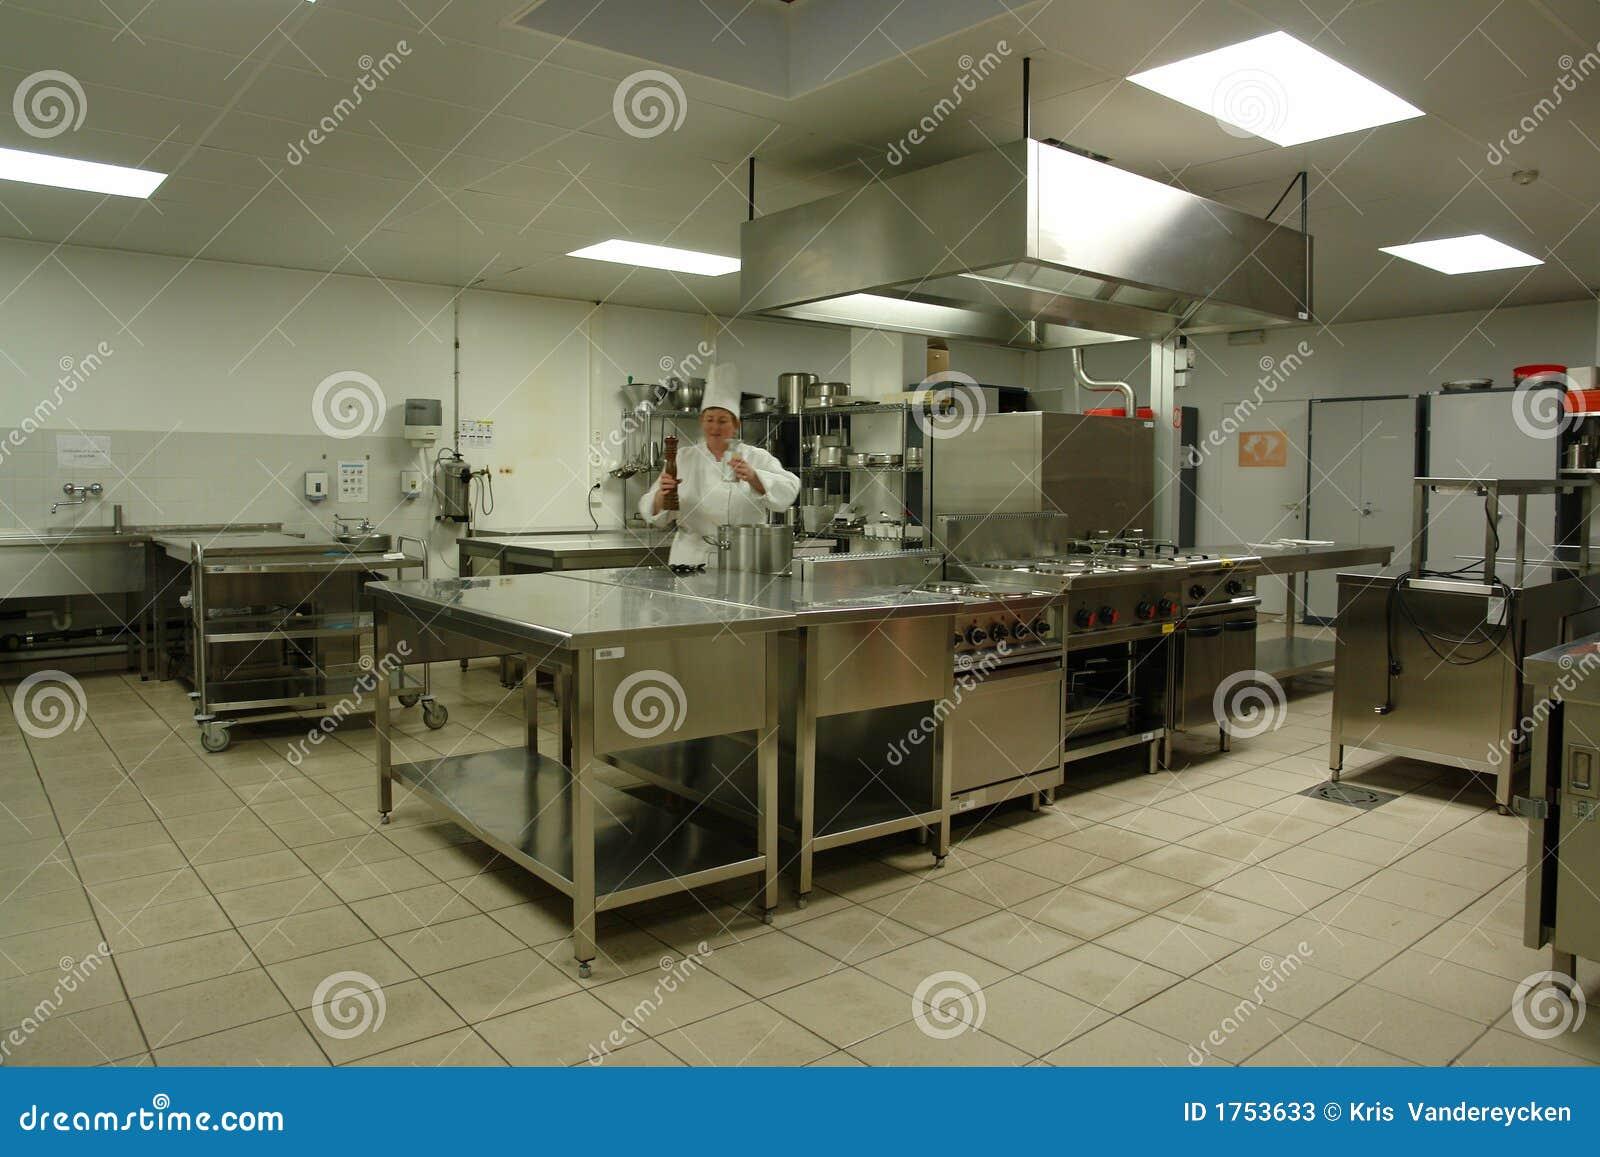 Cuisine professionnelle avec le cuisinier de chef photos - Plan cuisine professionnelle ...